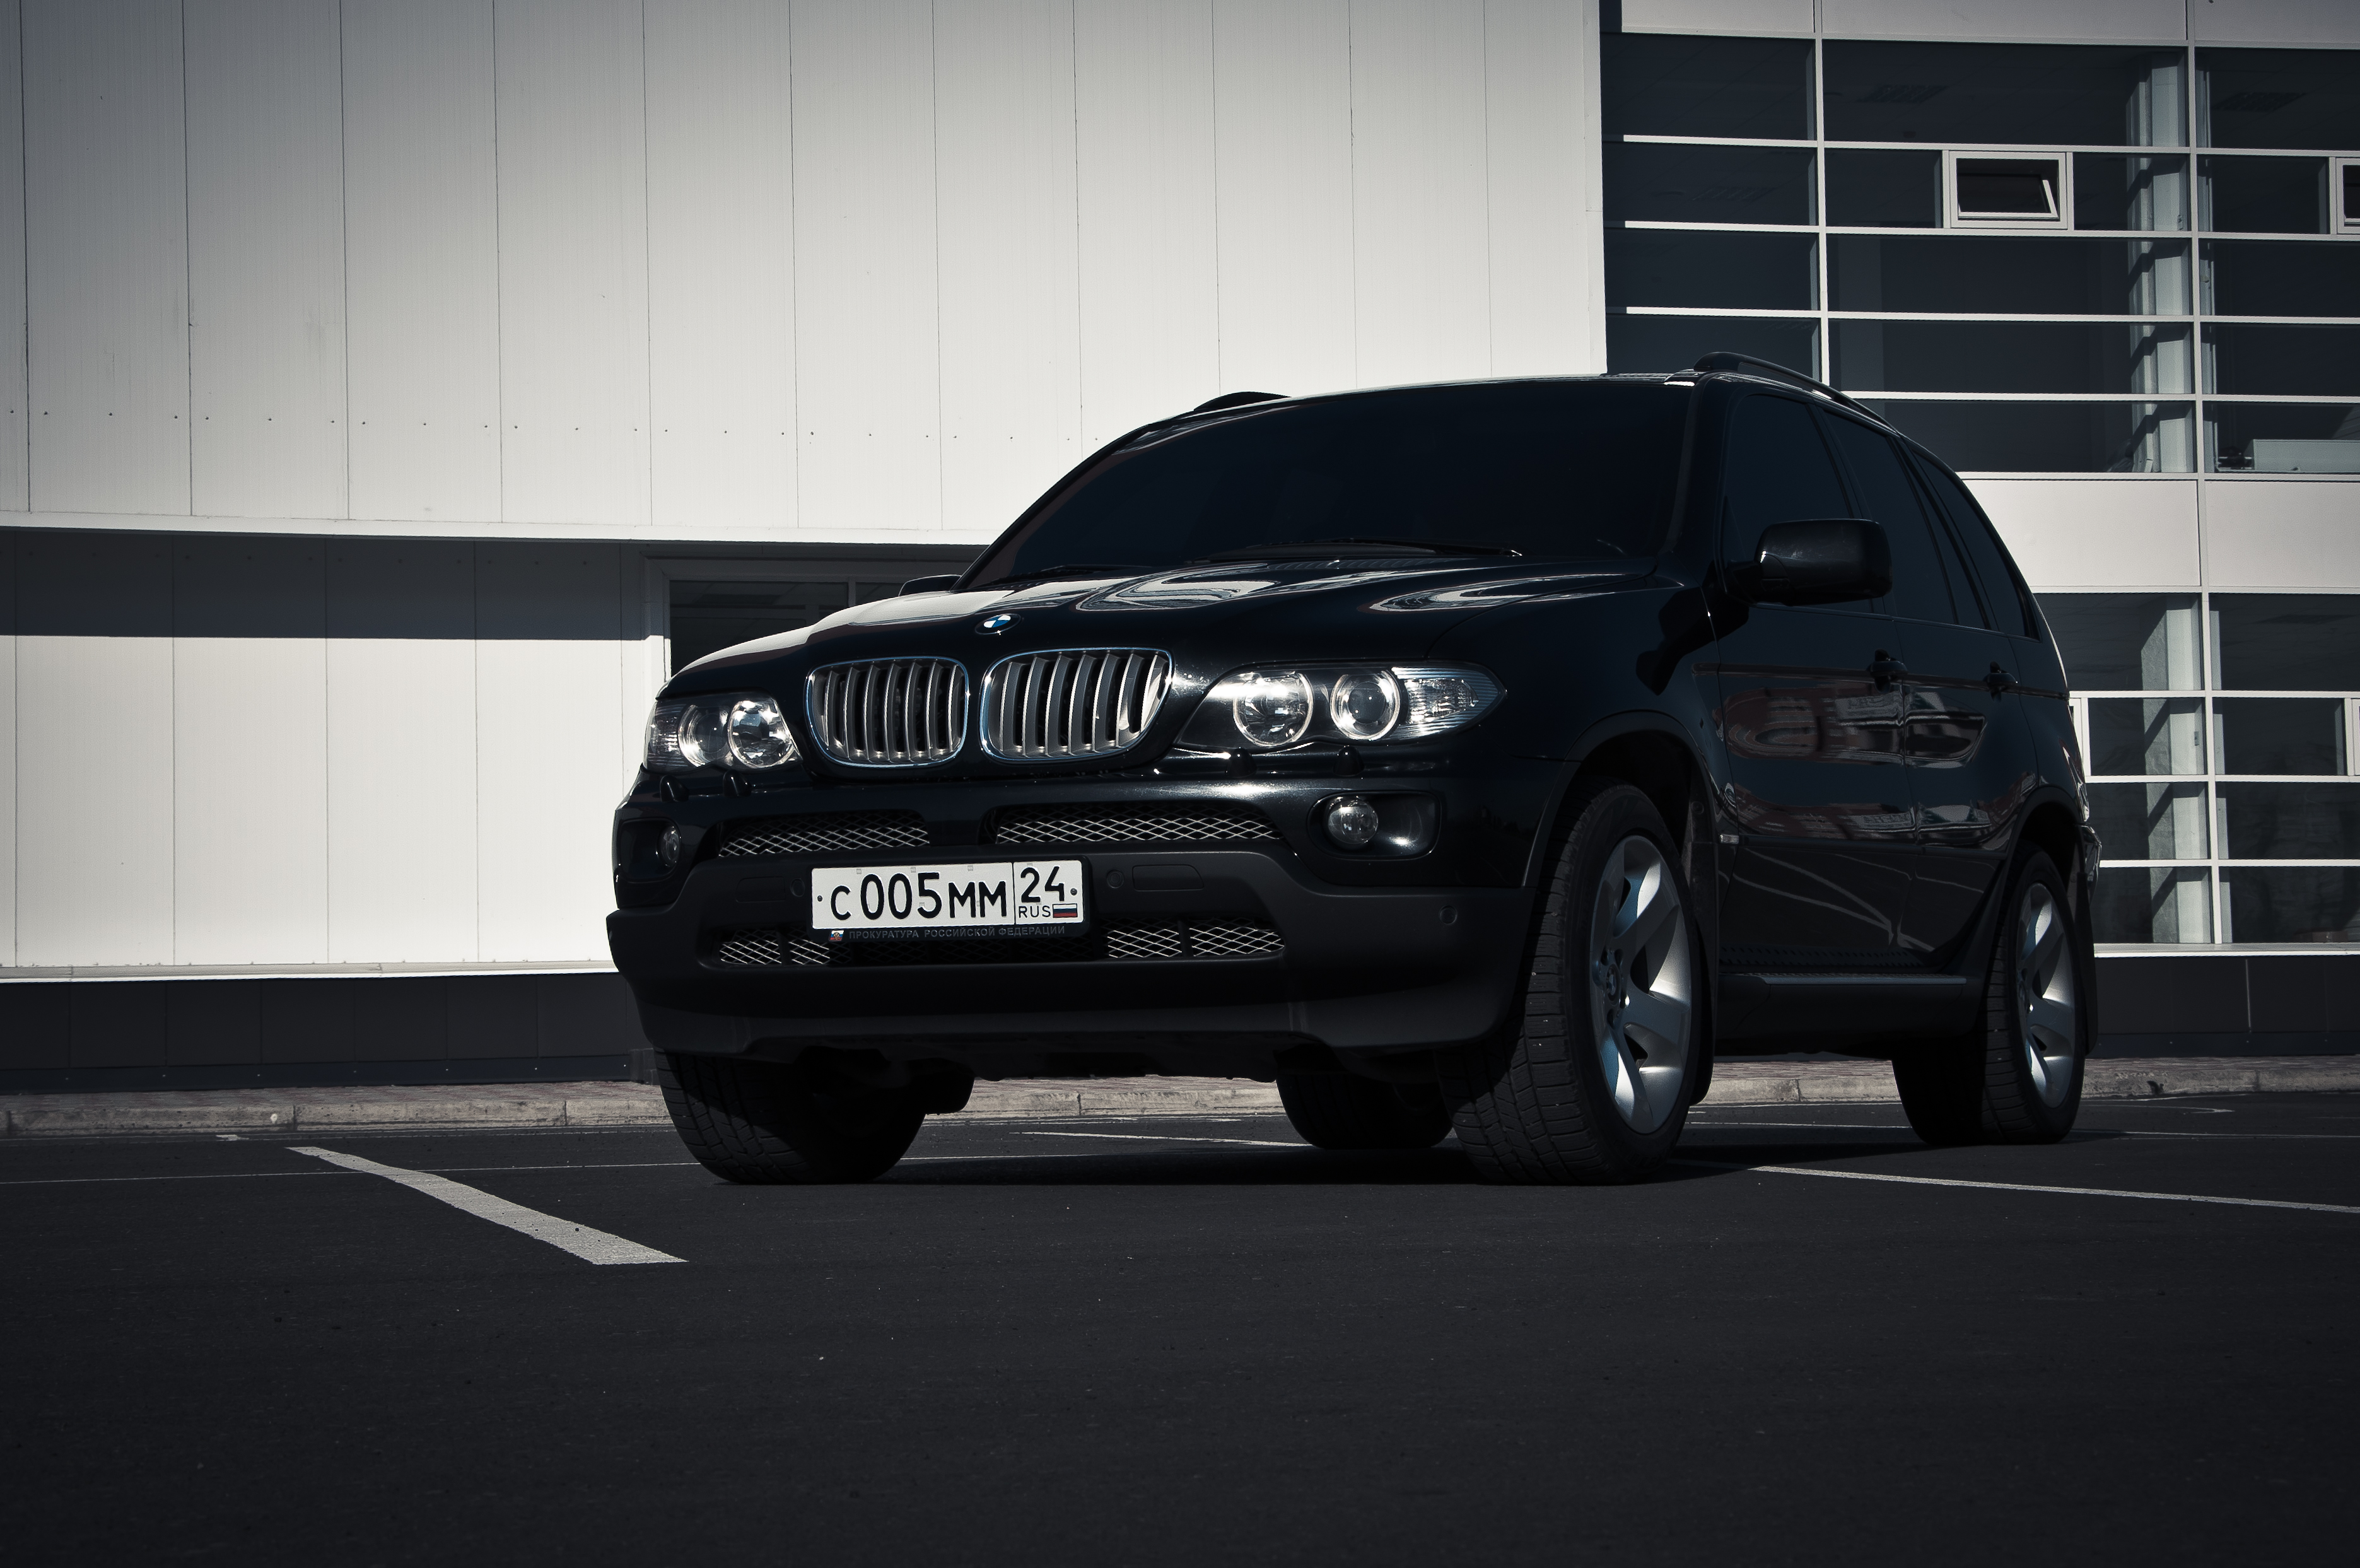 120811_BMW_r001